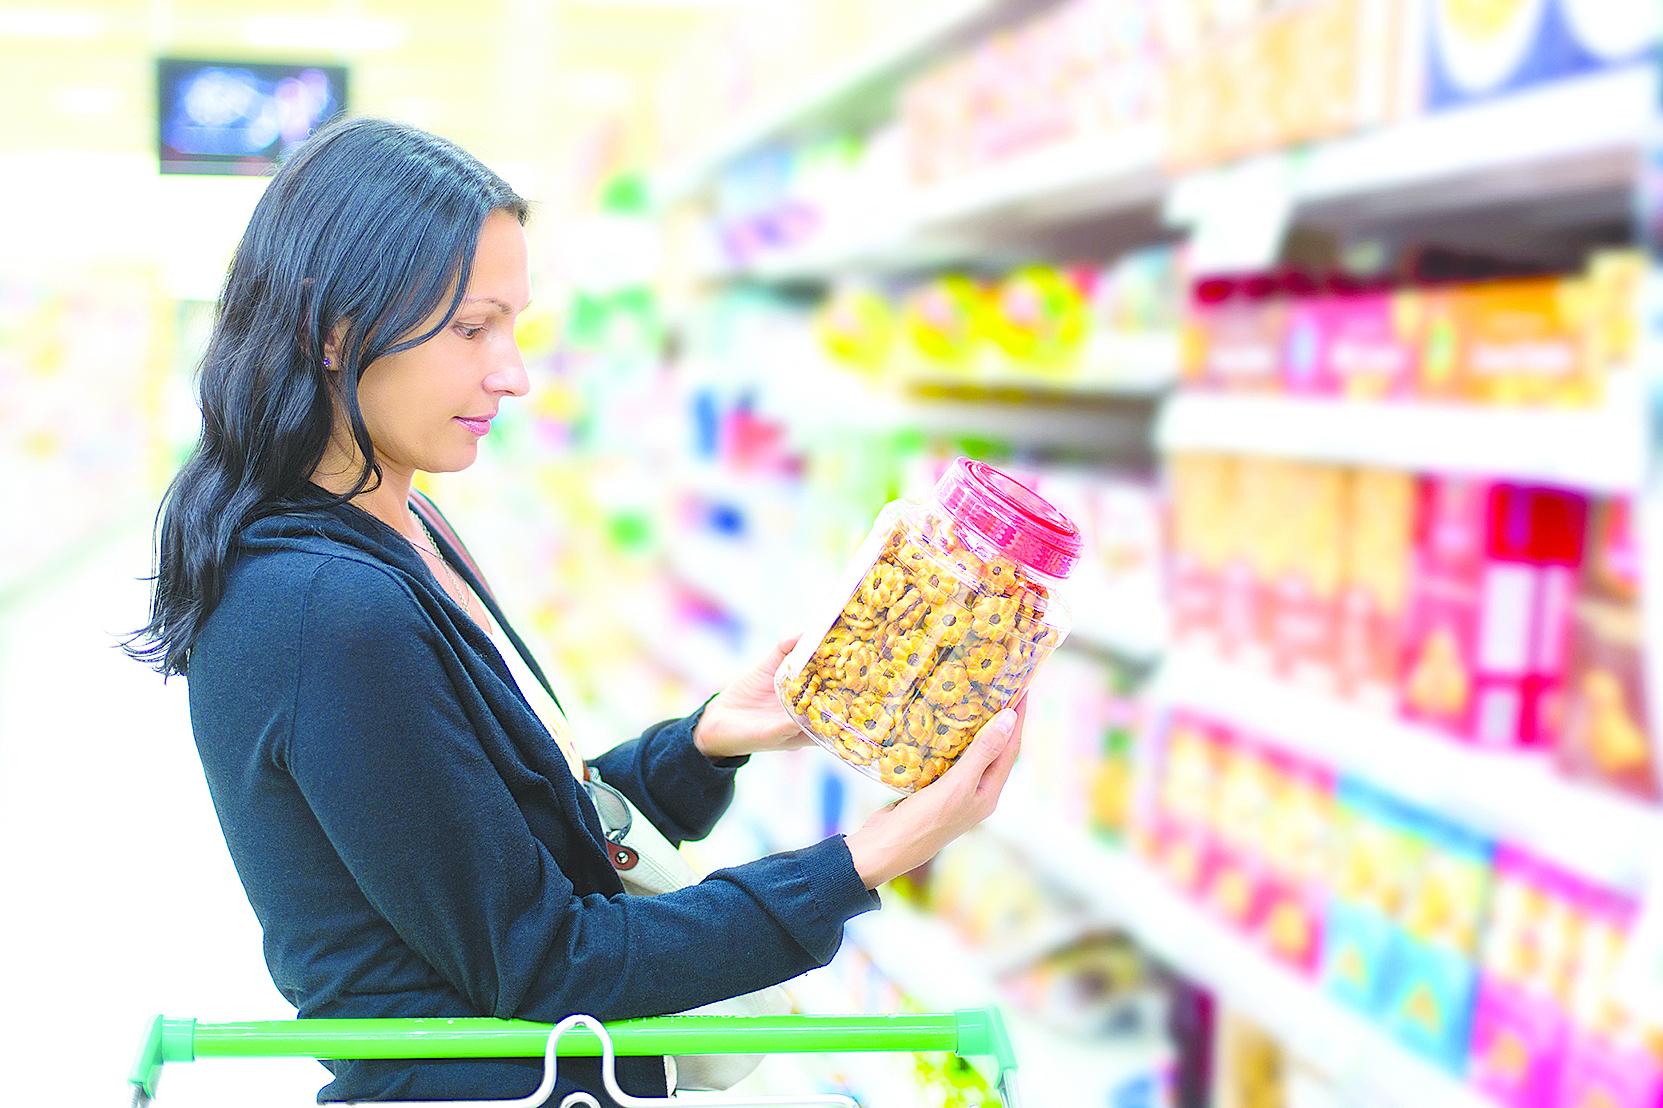 挑選零食前應詳閱成份標示,選擇添加物少的零食。